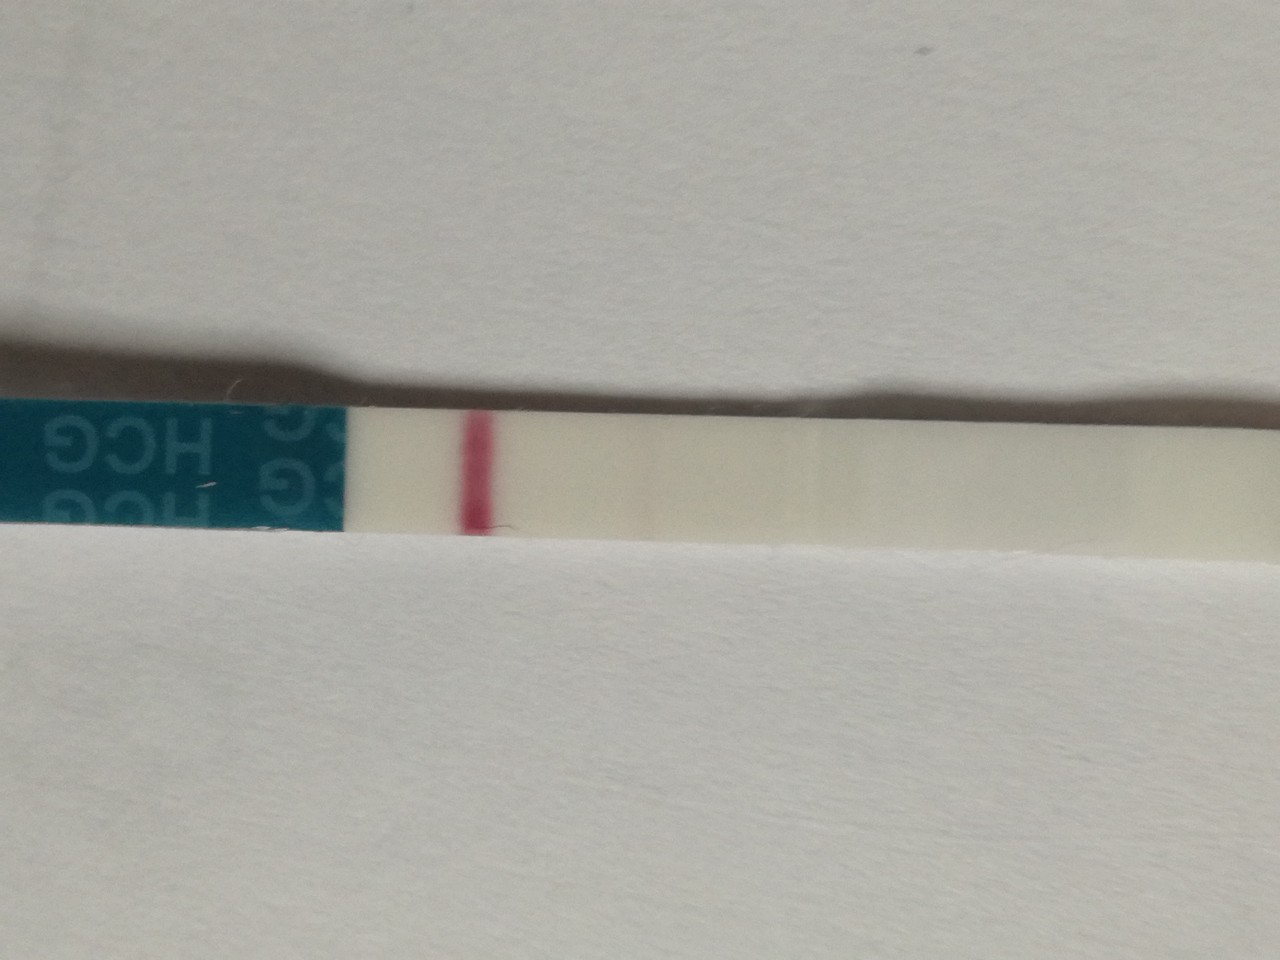 Экспресс-тест на беременность, ранняя диагностика, лабораторная точность / продукция / first reply